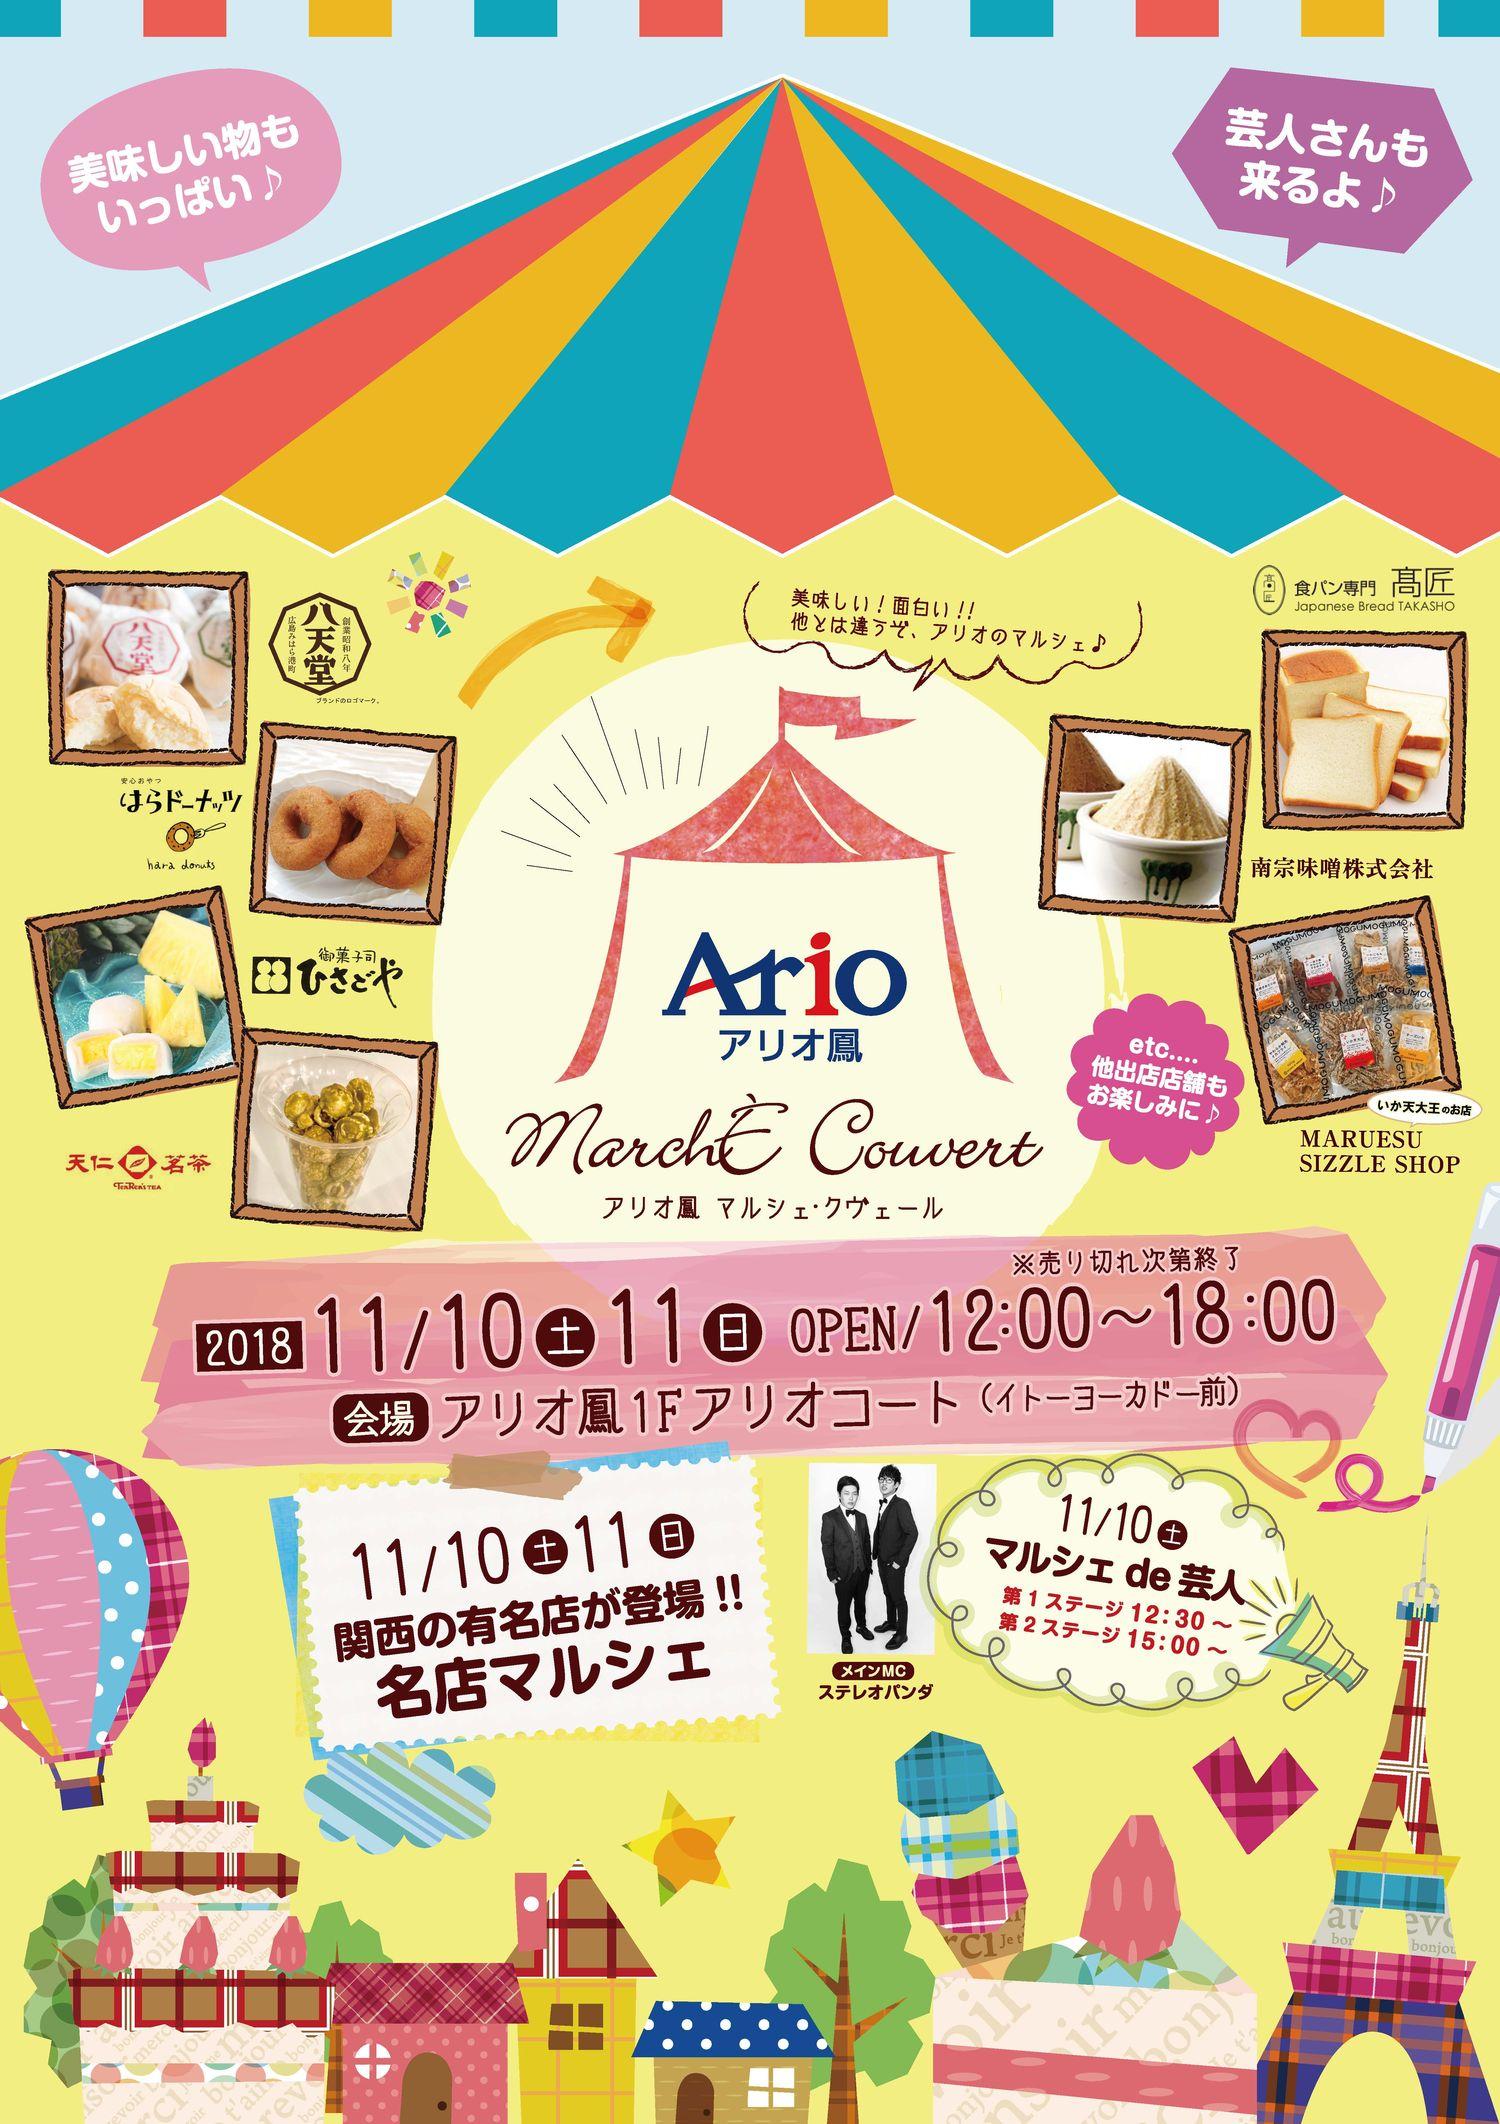 【イベント告知】 第2回アリオ鳳のマルシェイベント開催します!!